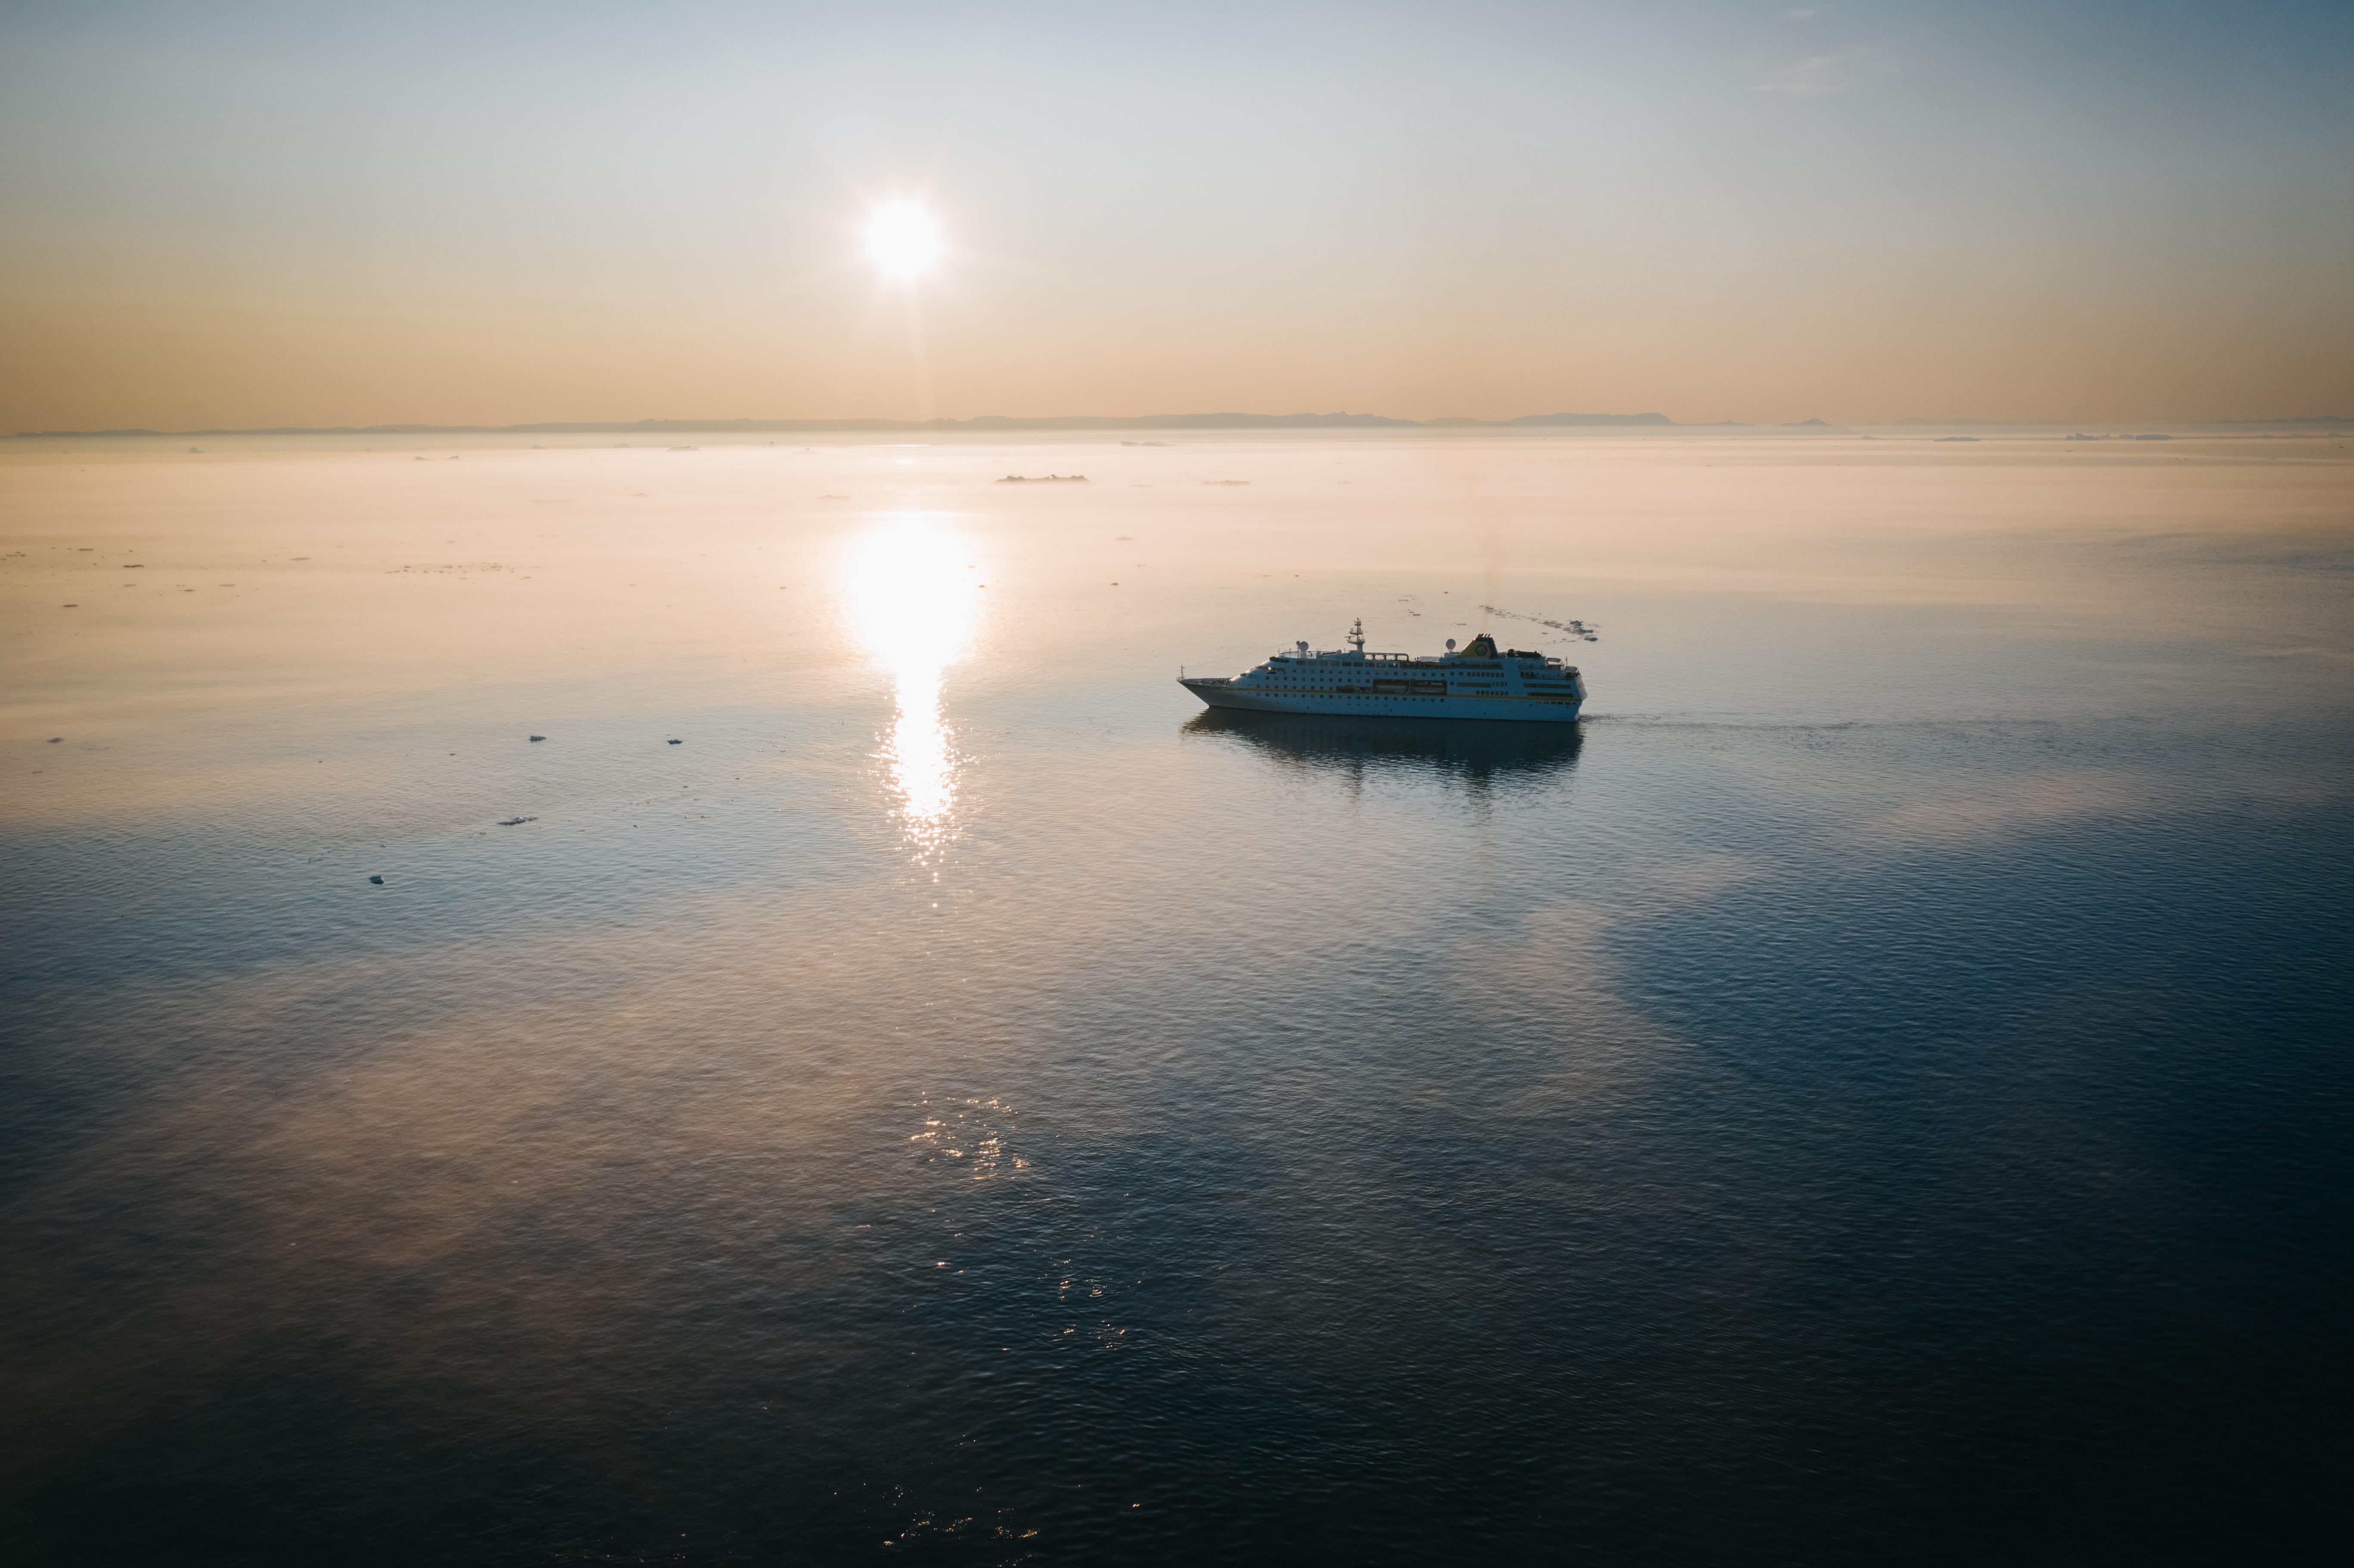 Groenland/Ililissat